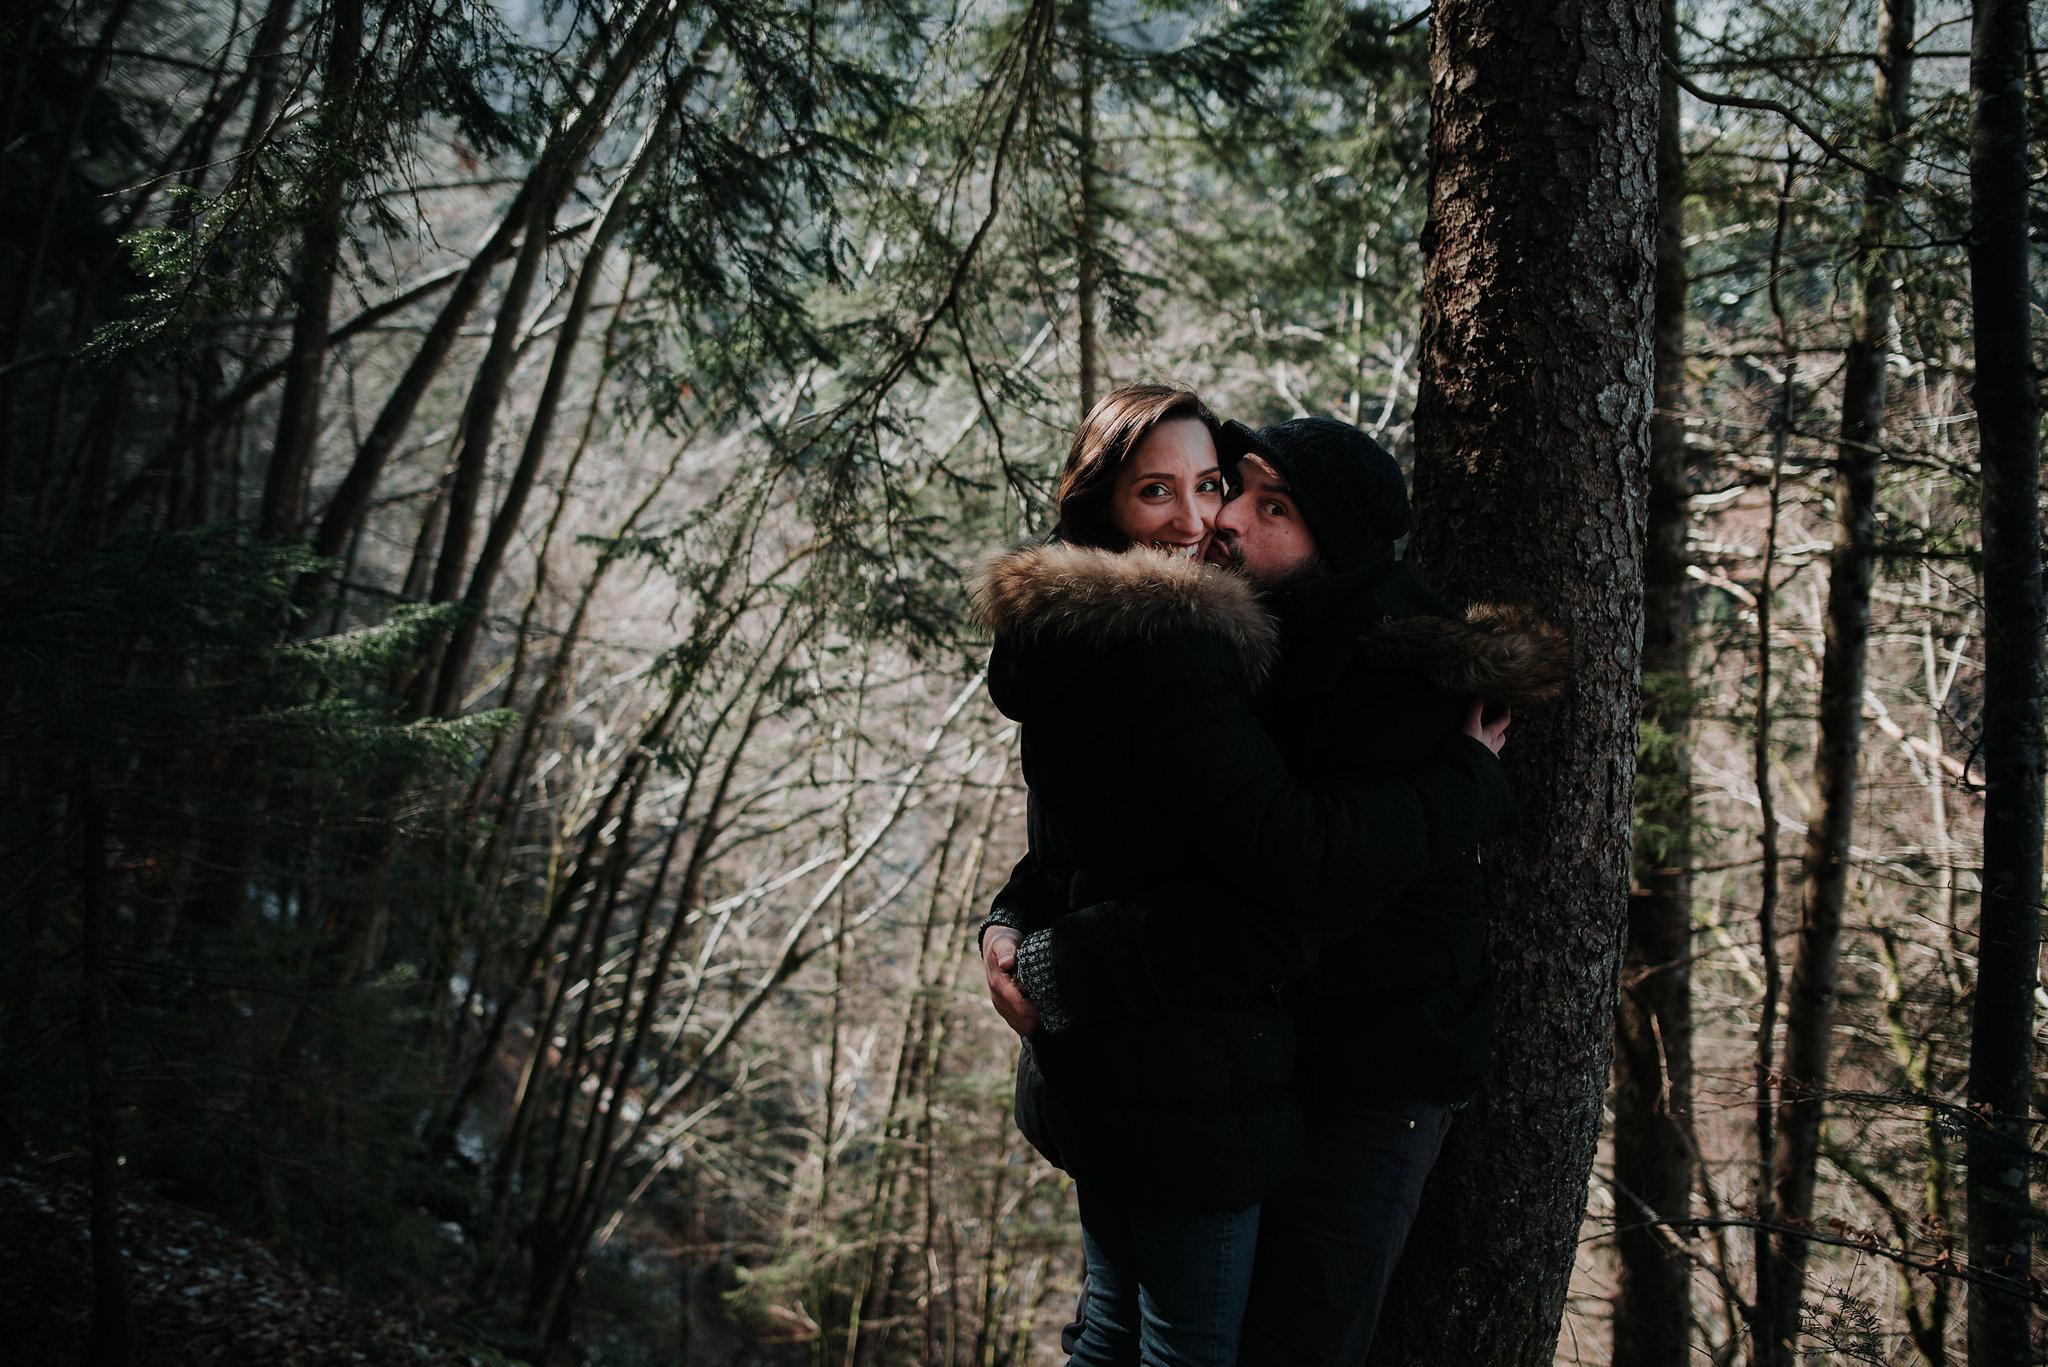 Léa-Fery-photographe-professionnel-lyon-rhone-alpes-portrait-creation-mariage-evenement-evenementiel-famille-4833.jpg